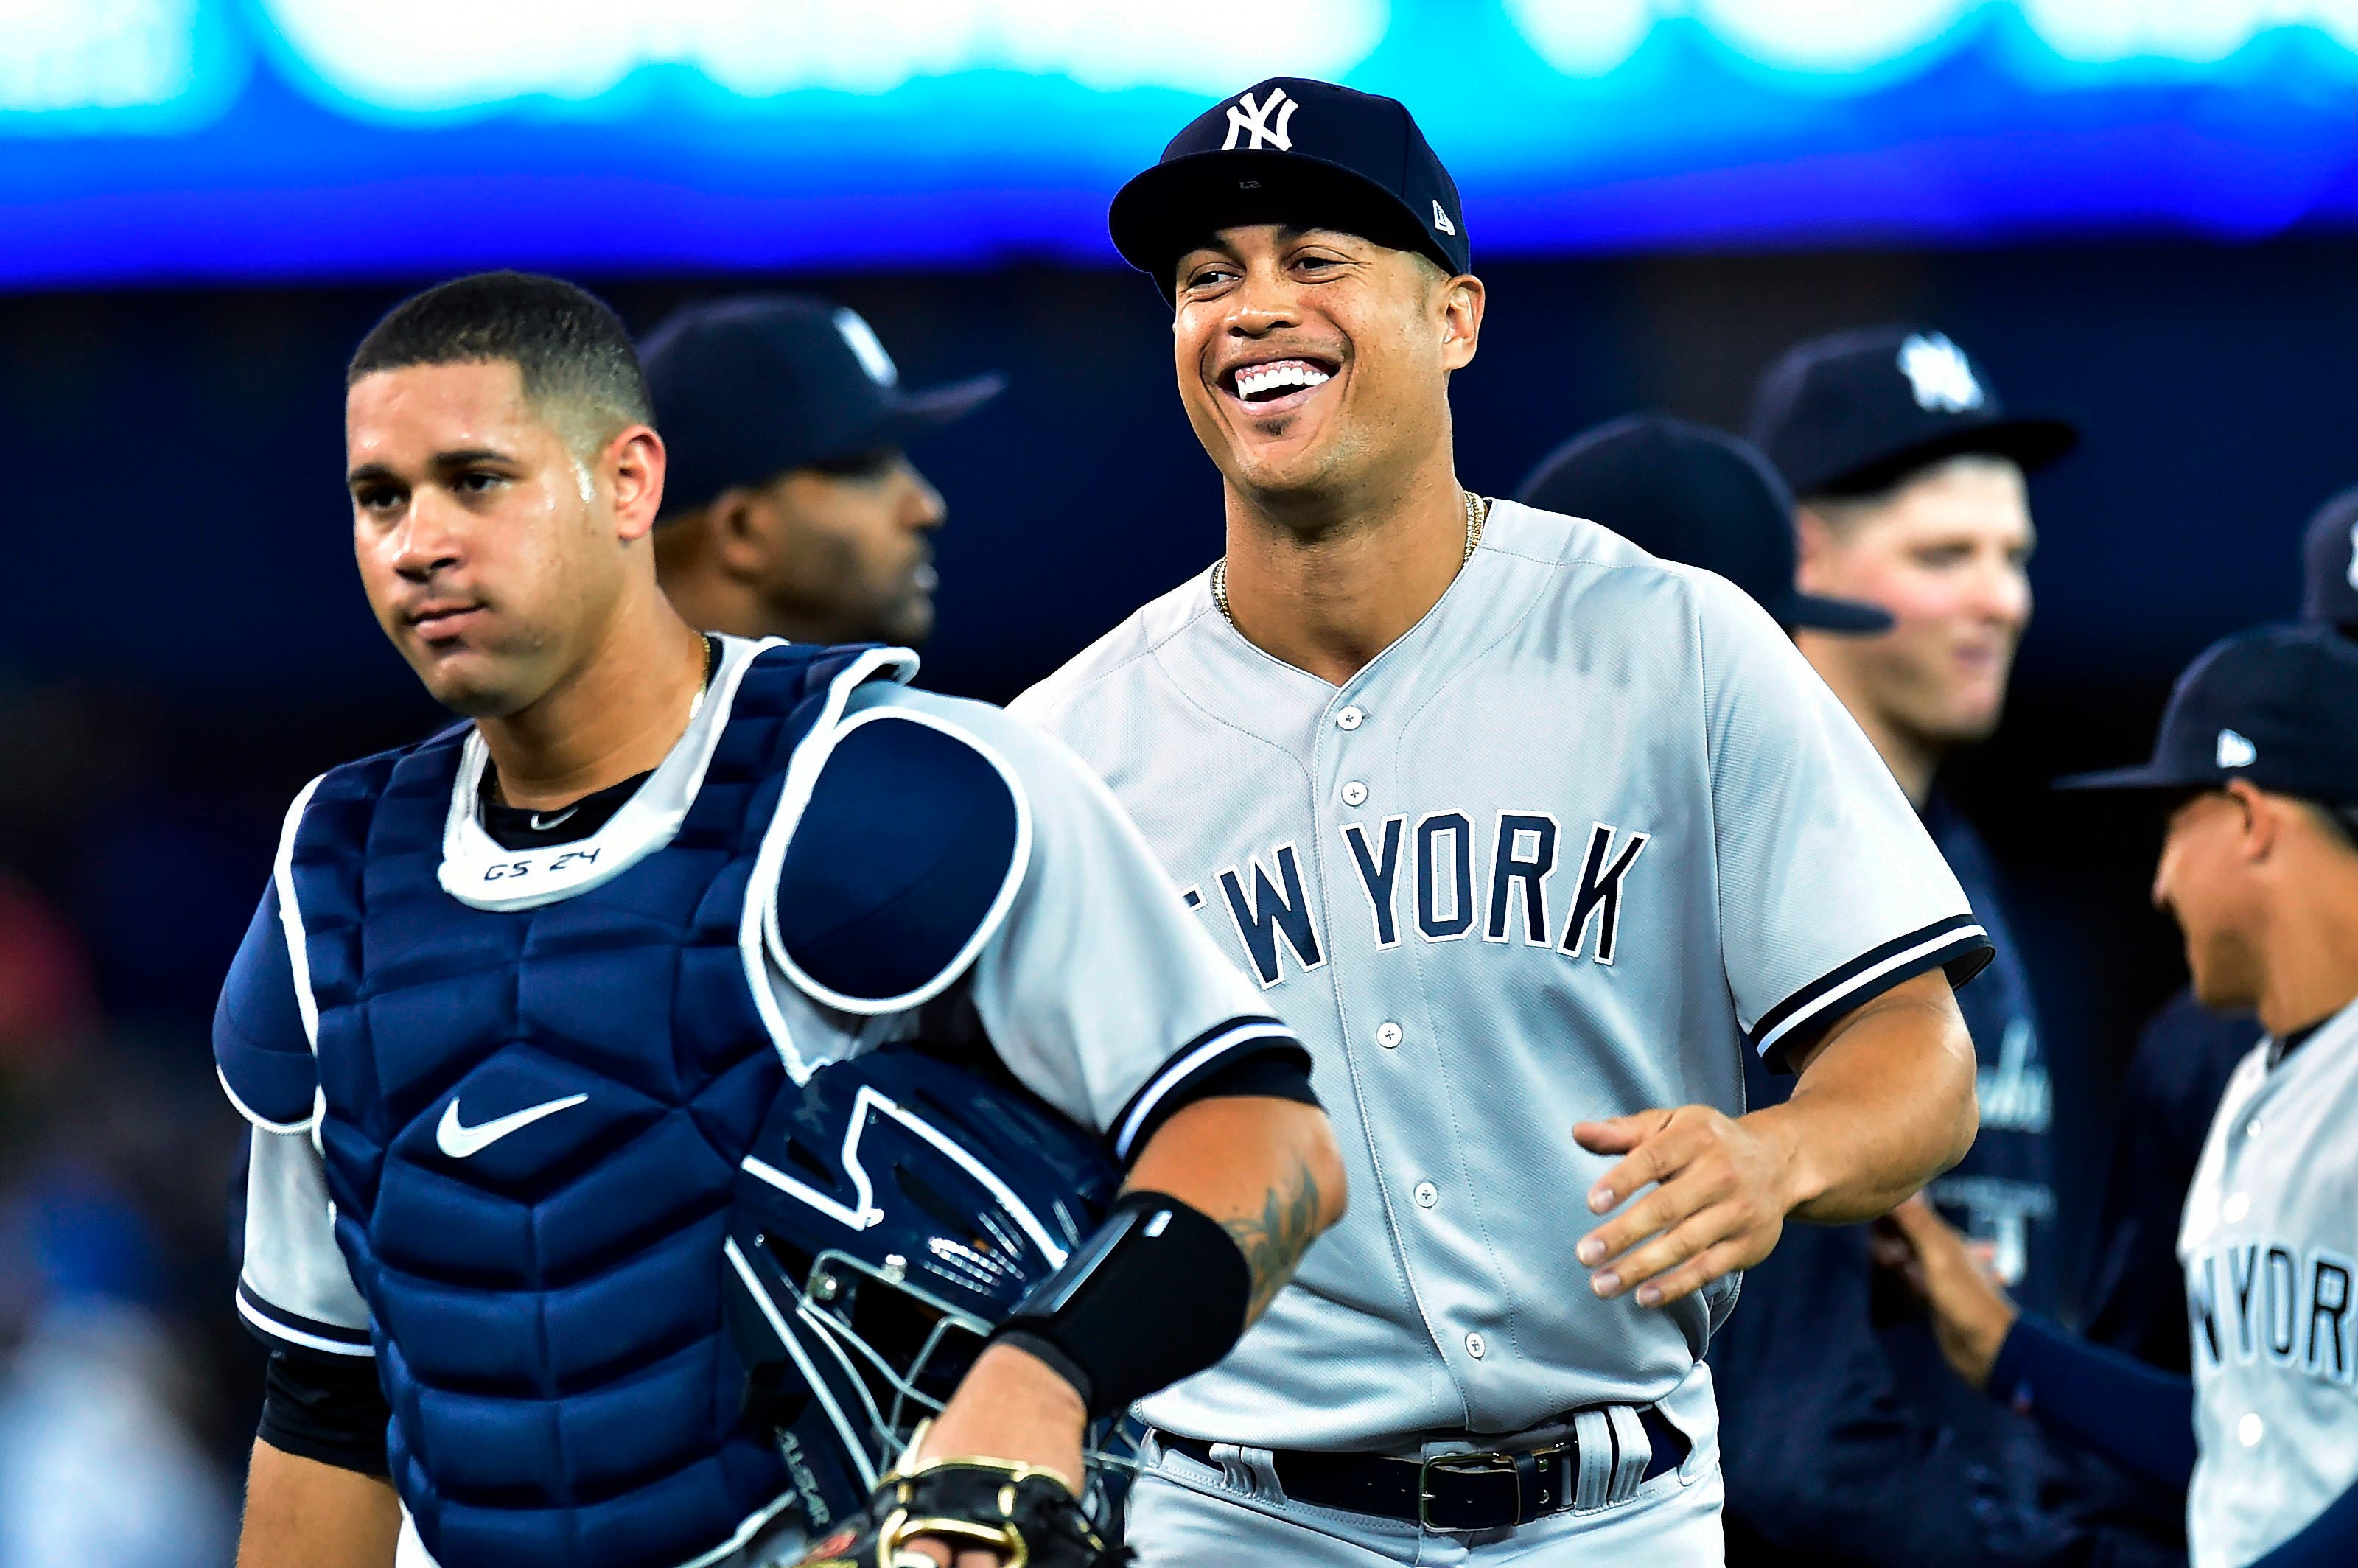 Yankees celebran en debut soñado de Giancarlo Stanton